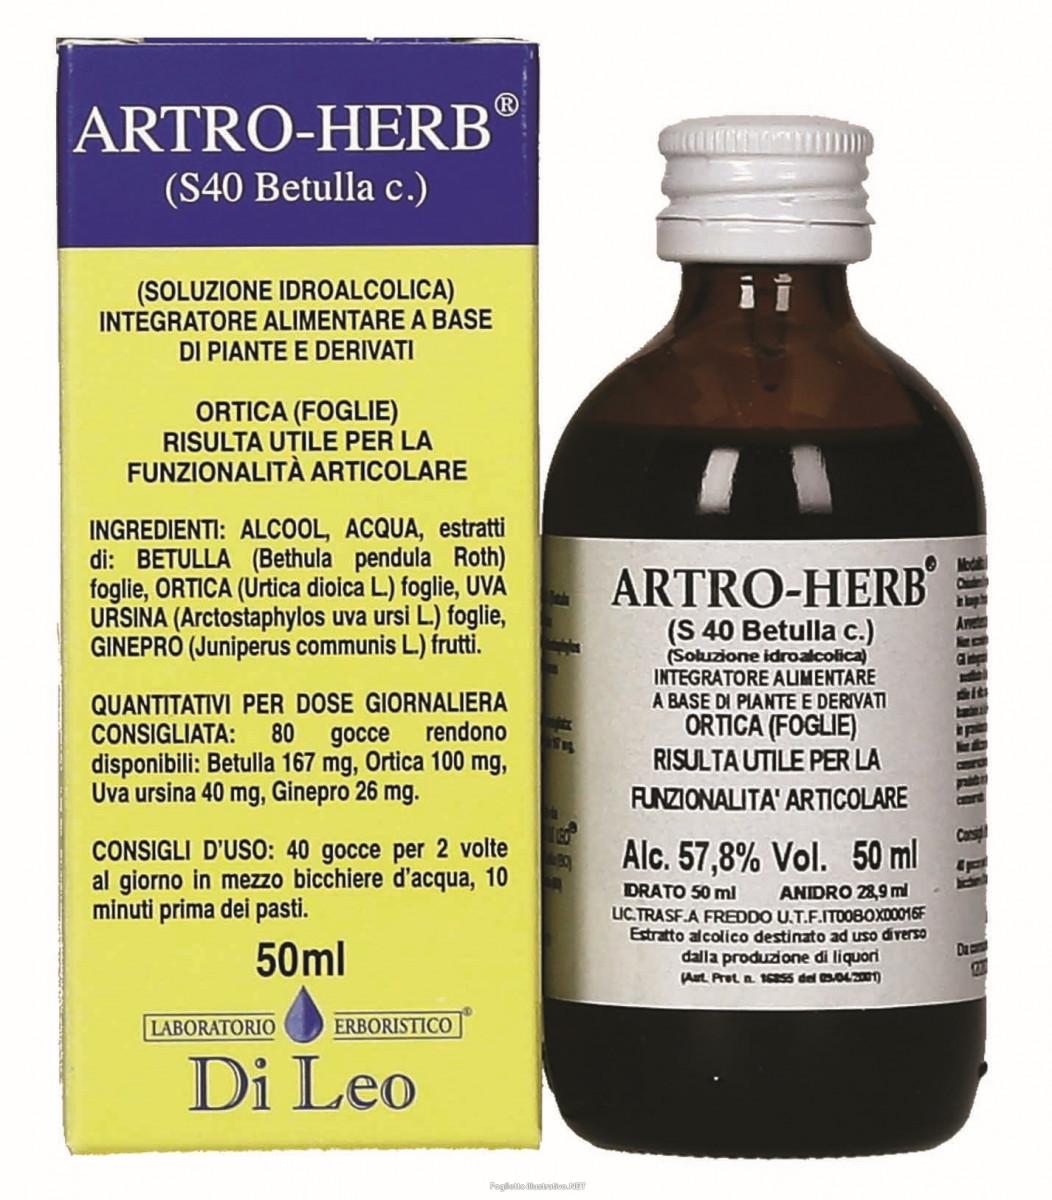 LABORATORIO ERBORISTICO DI LEO Artro Herb S 40 Betulla 50ml